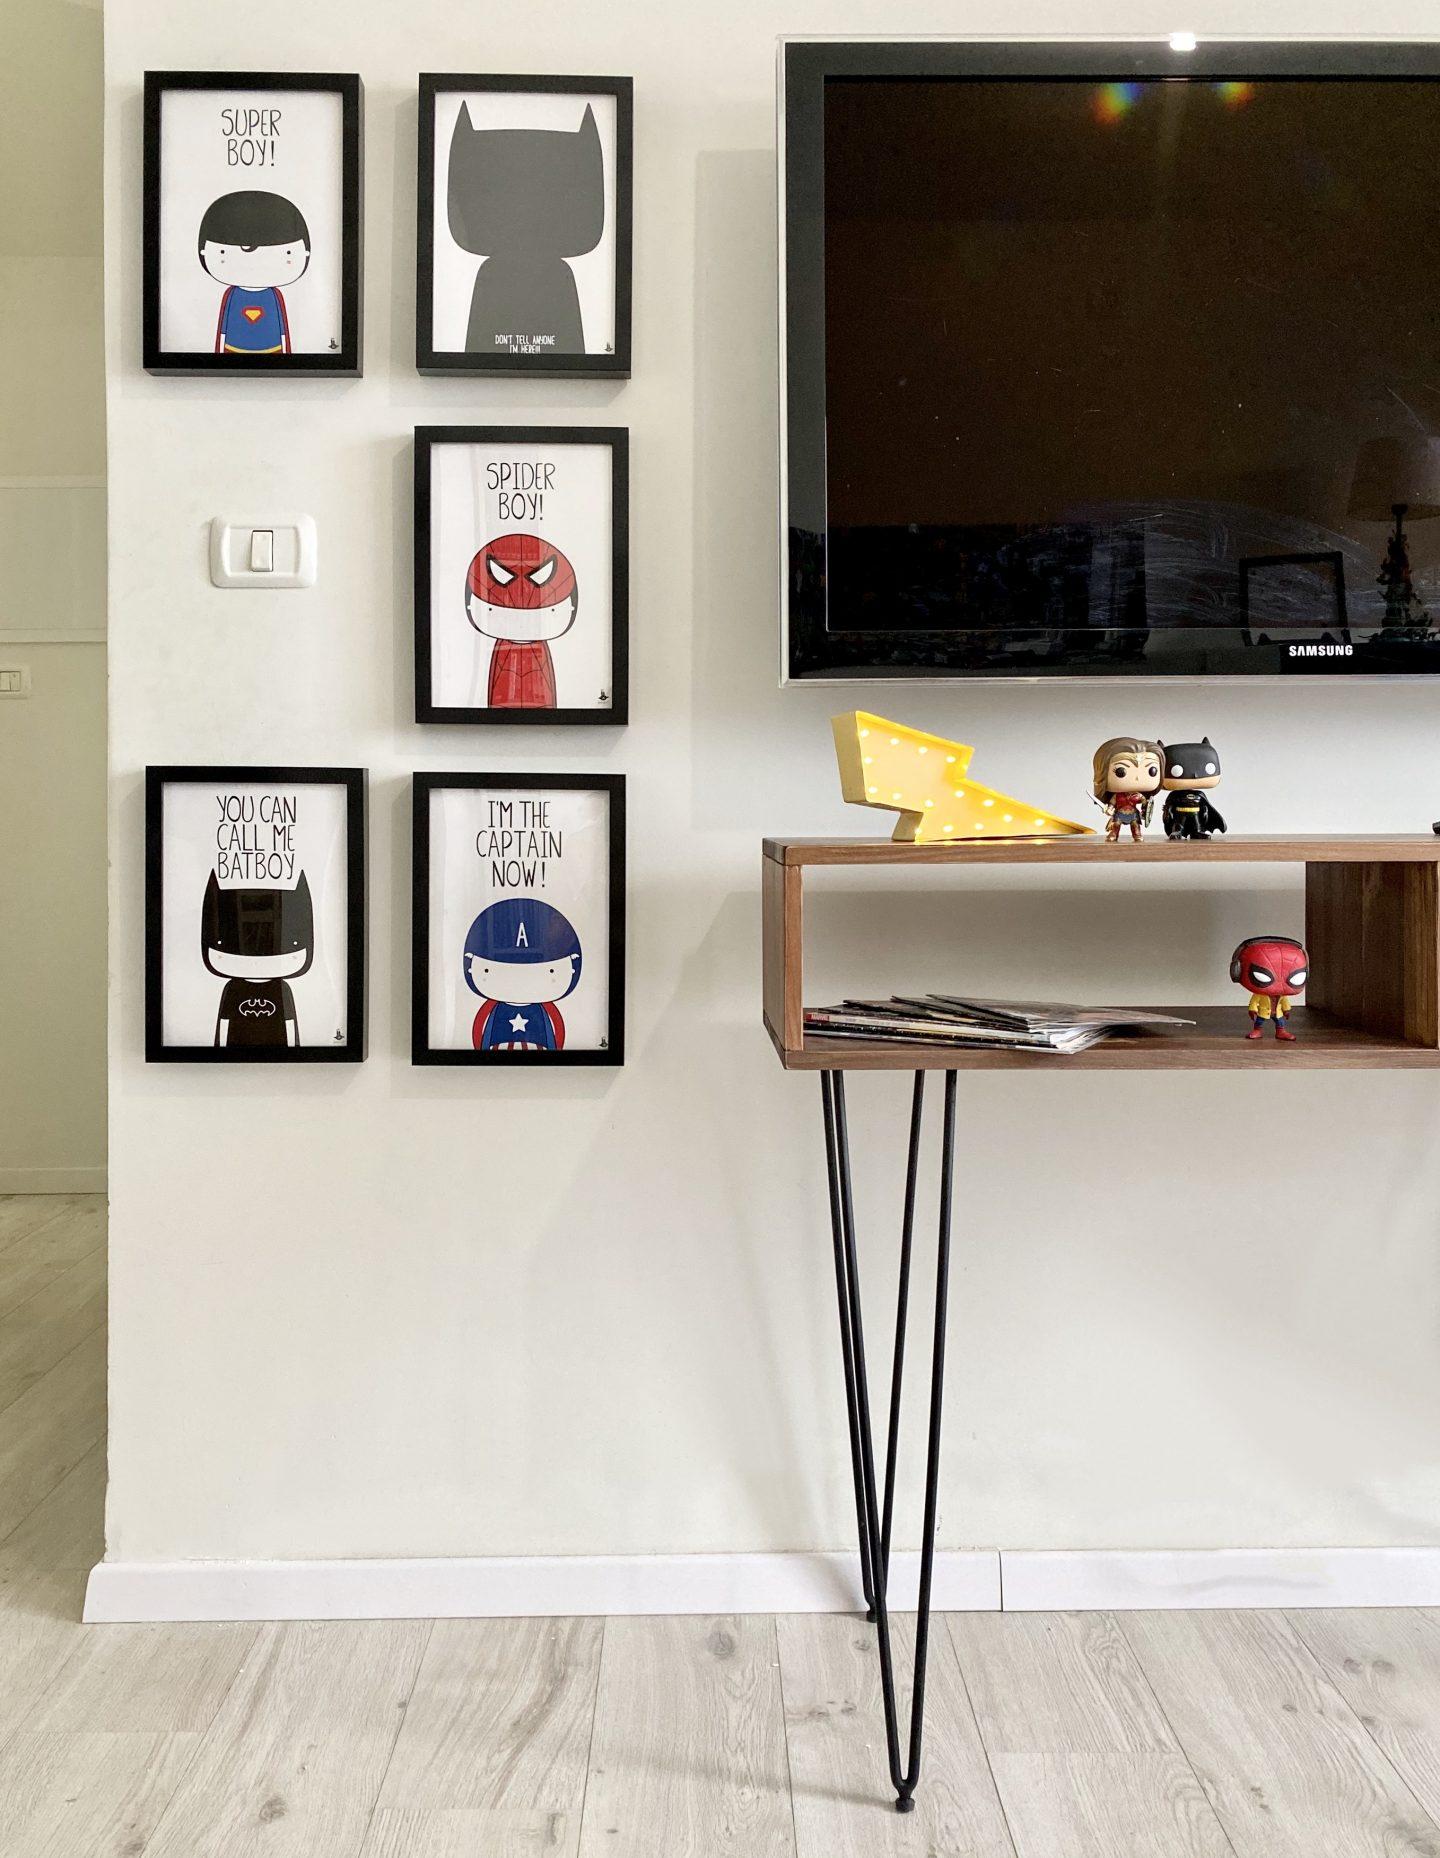 קונסולה קואלה רהיטים פוסטרים בנדיט חדר גיבורי על